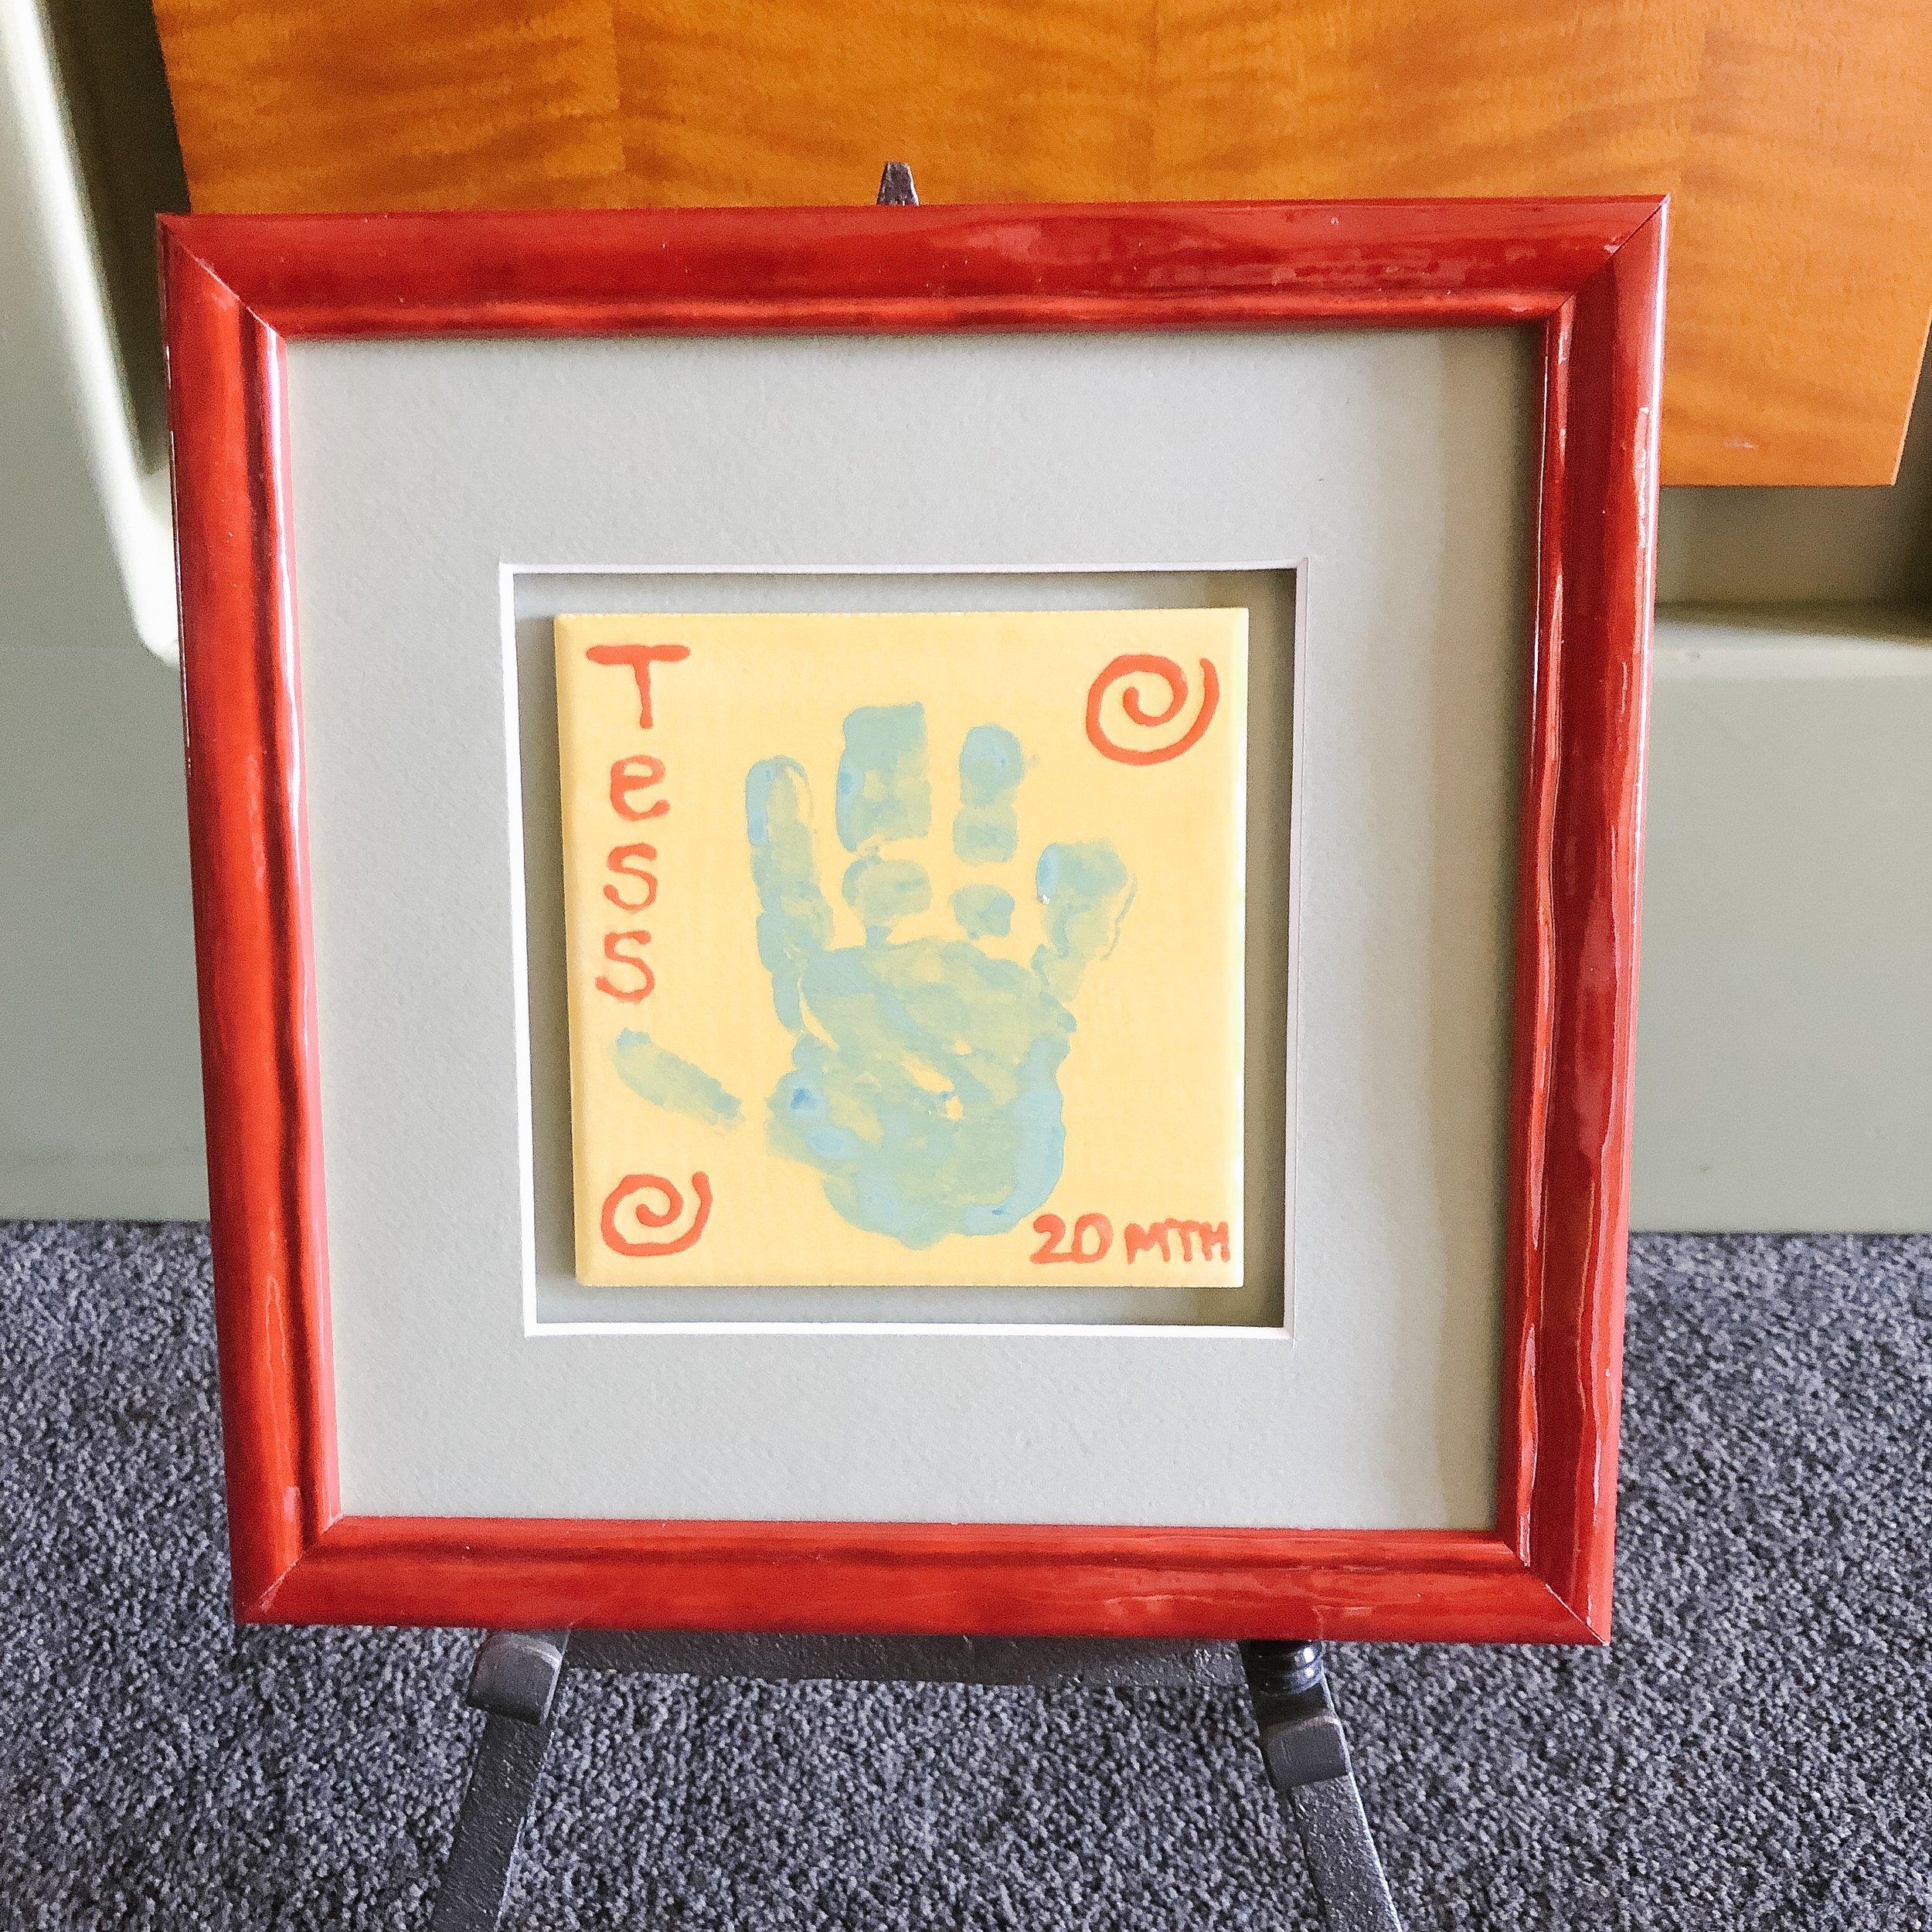 gallery-293-custom-framed-child-art-tile.jpg